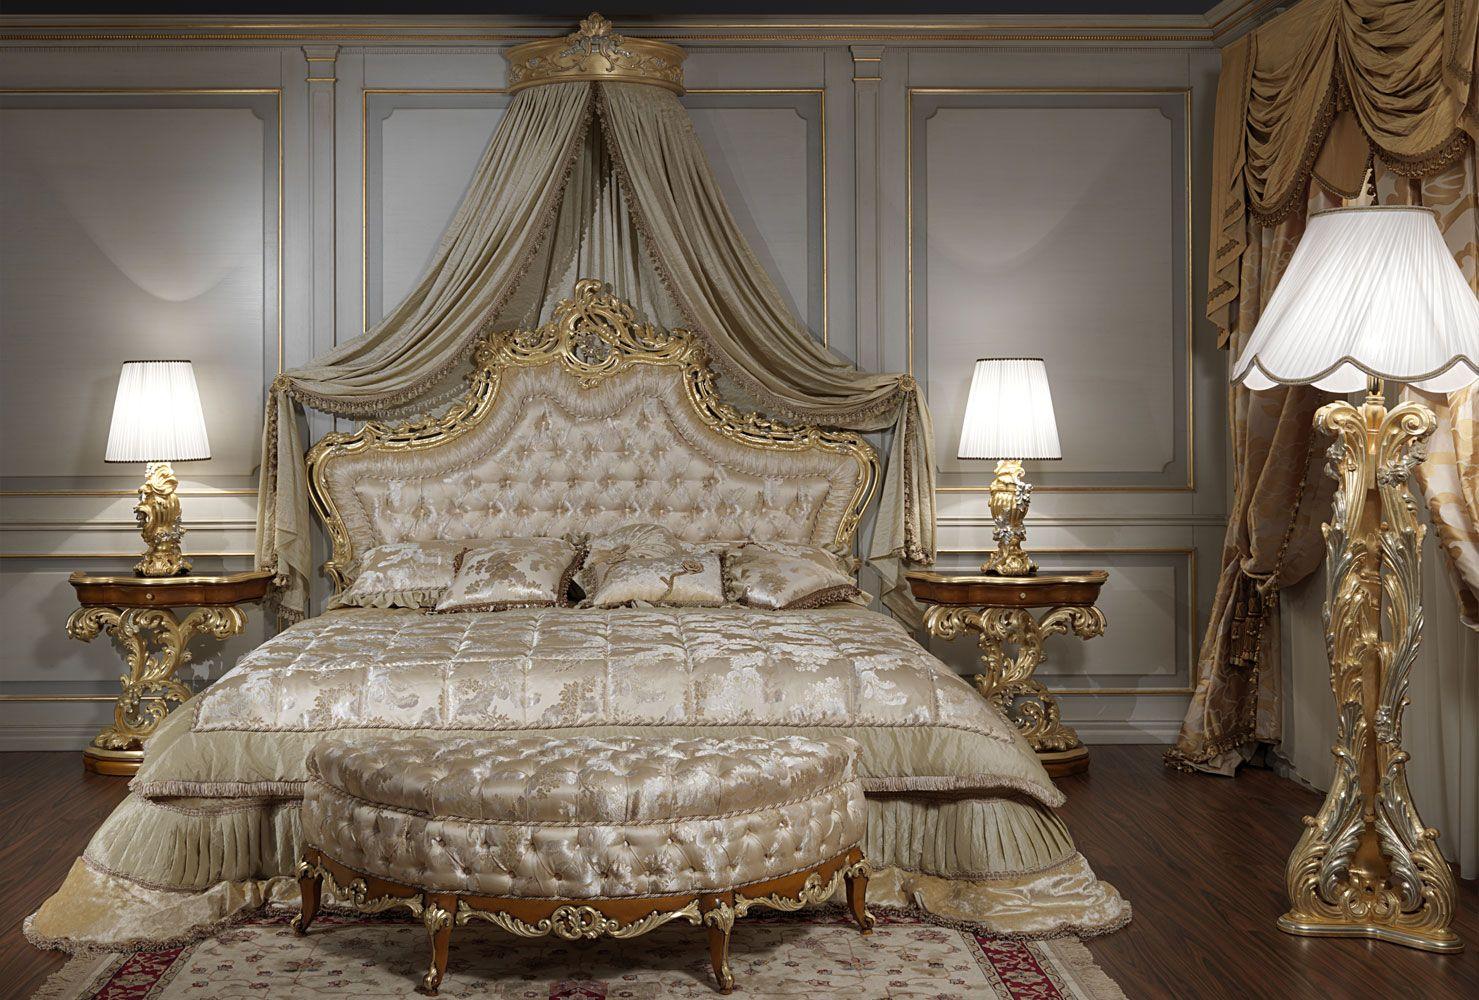 Camera da letto classica di lusso in stile barocco romano ...